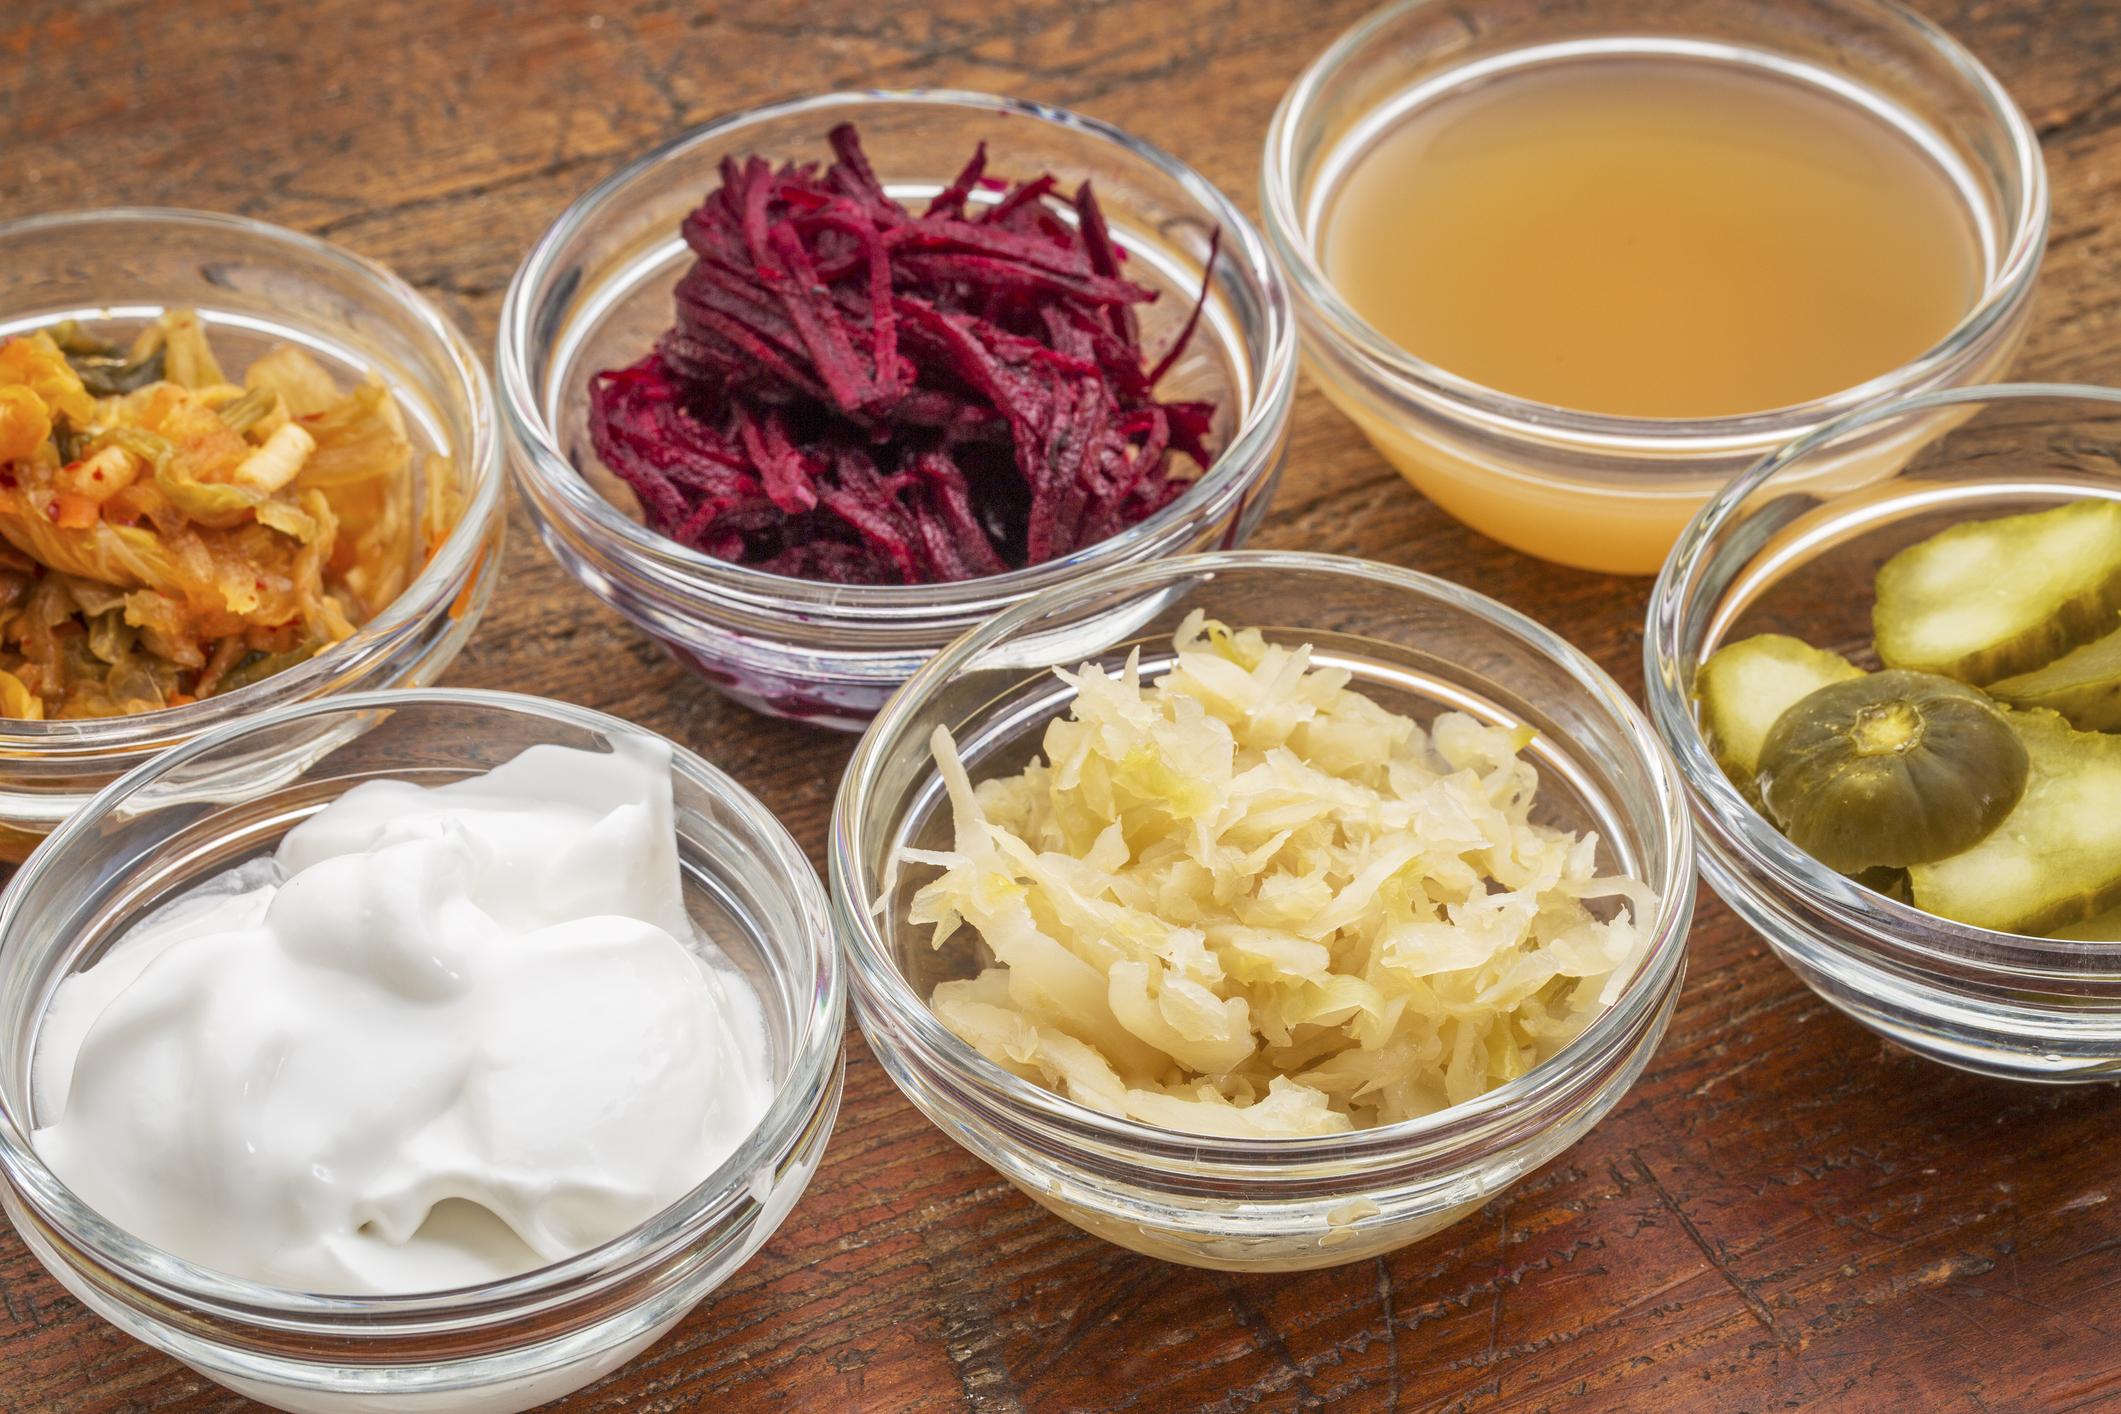 Probiotika Lebensmittel Verdauung